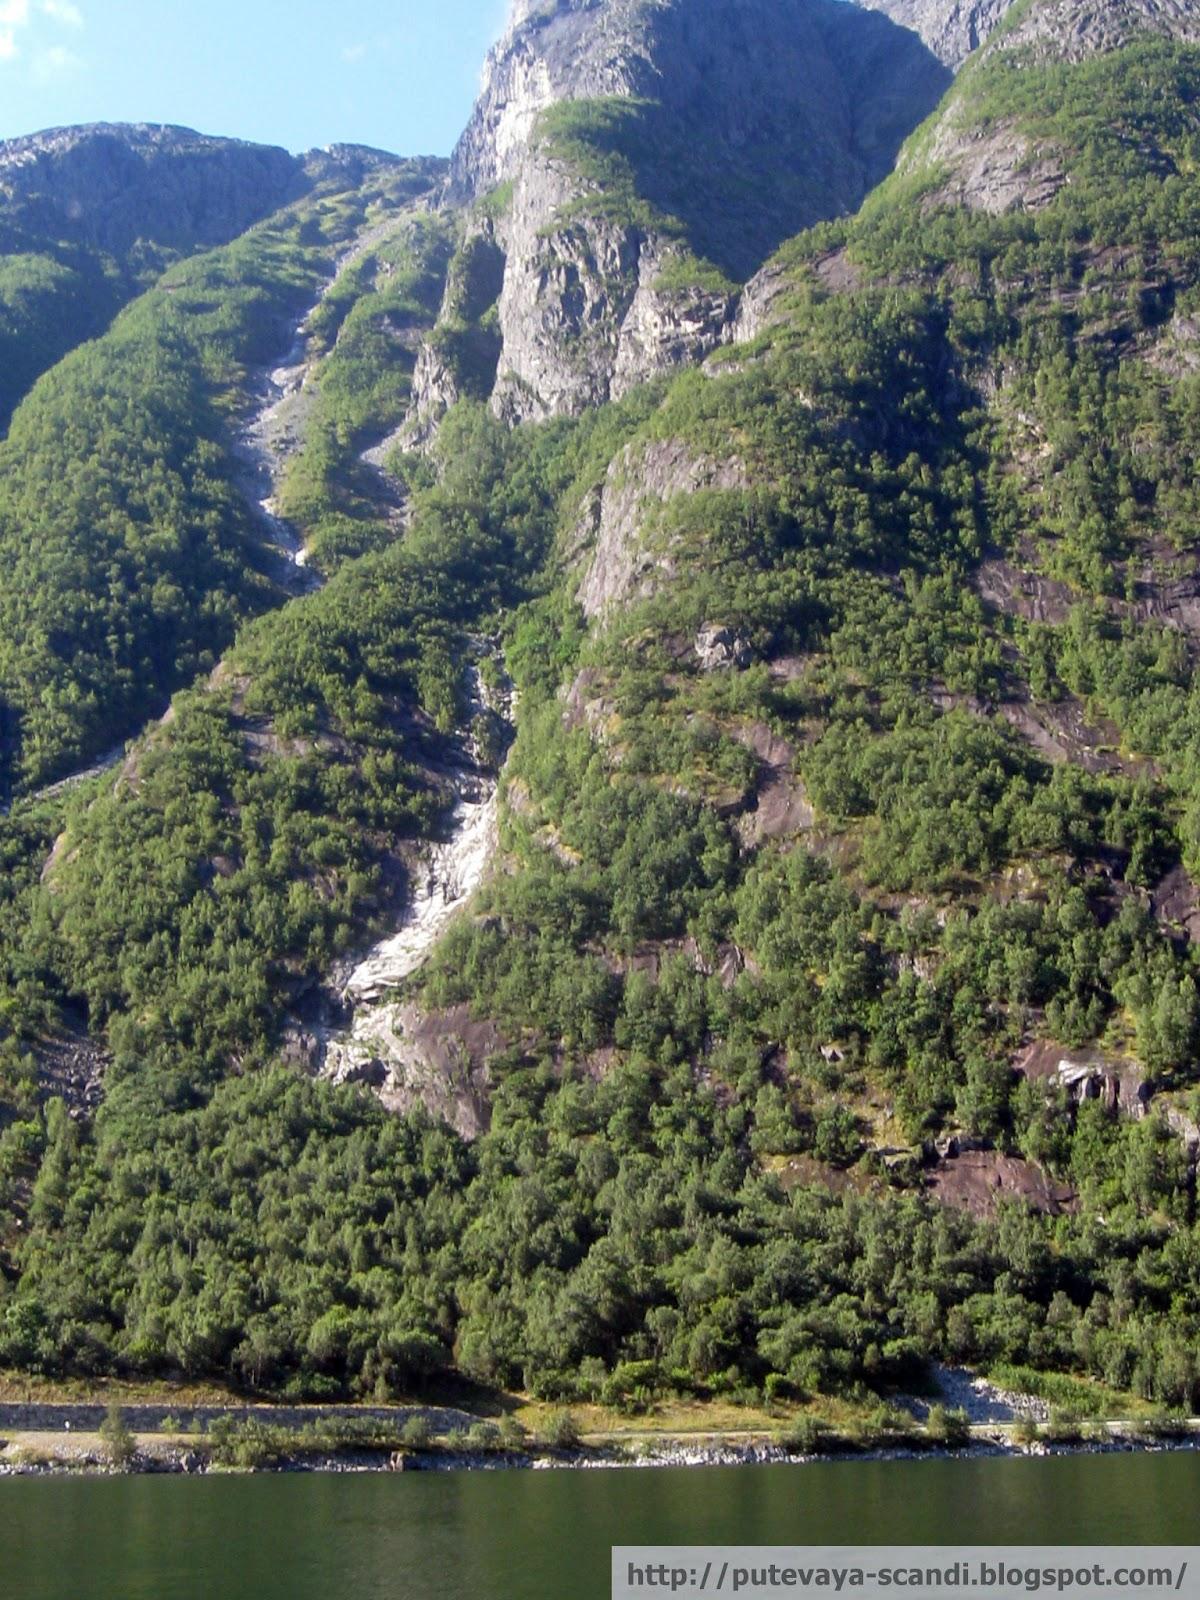 норвежская гора с ручьем